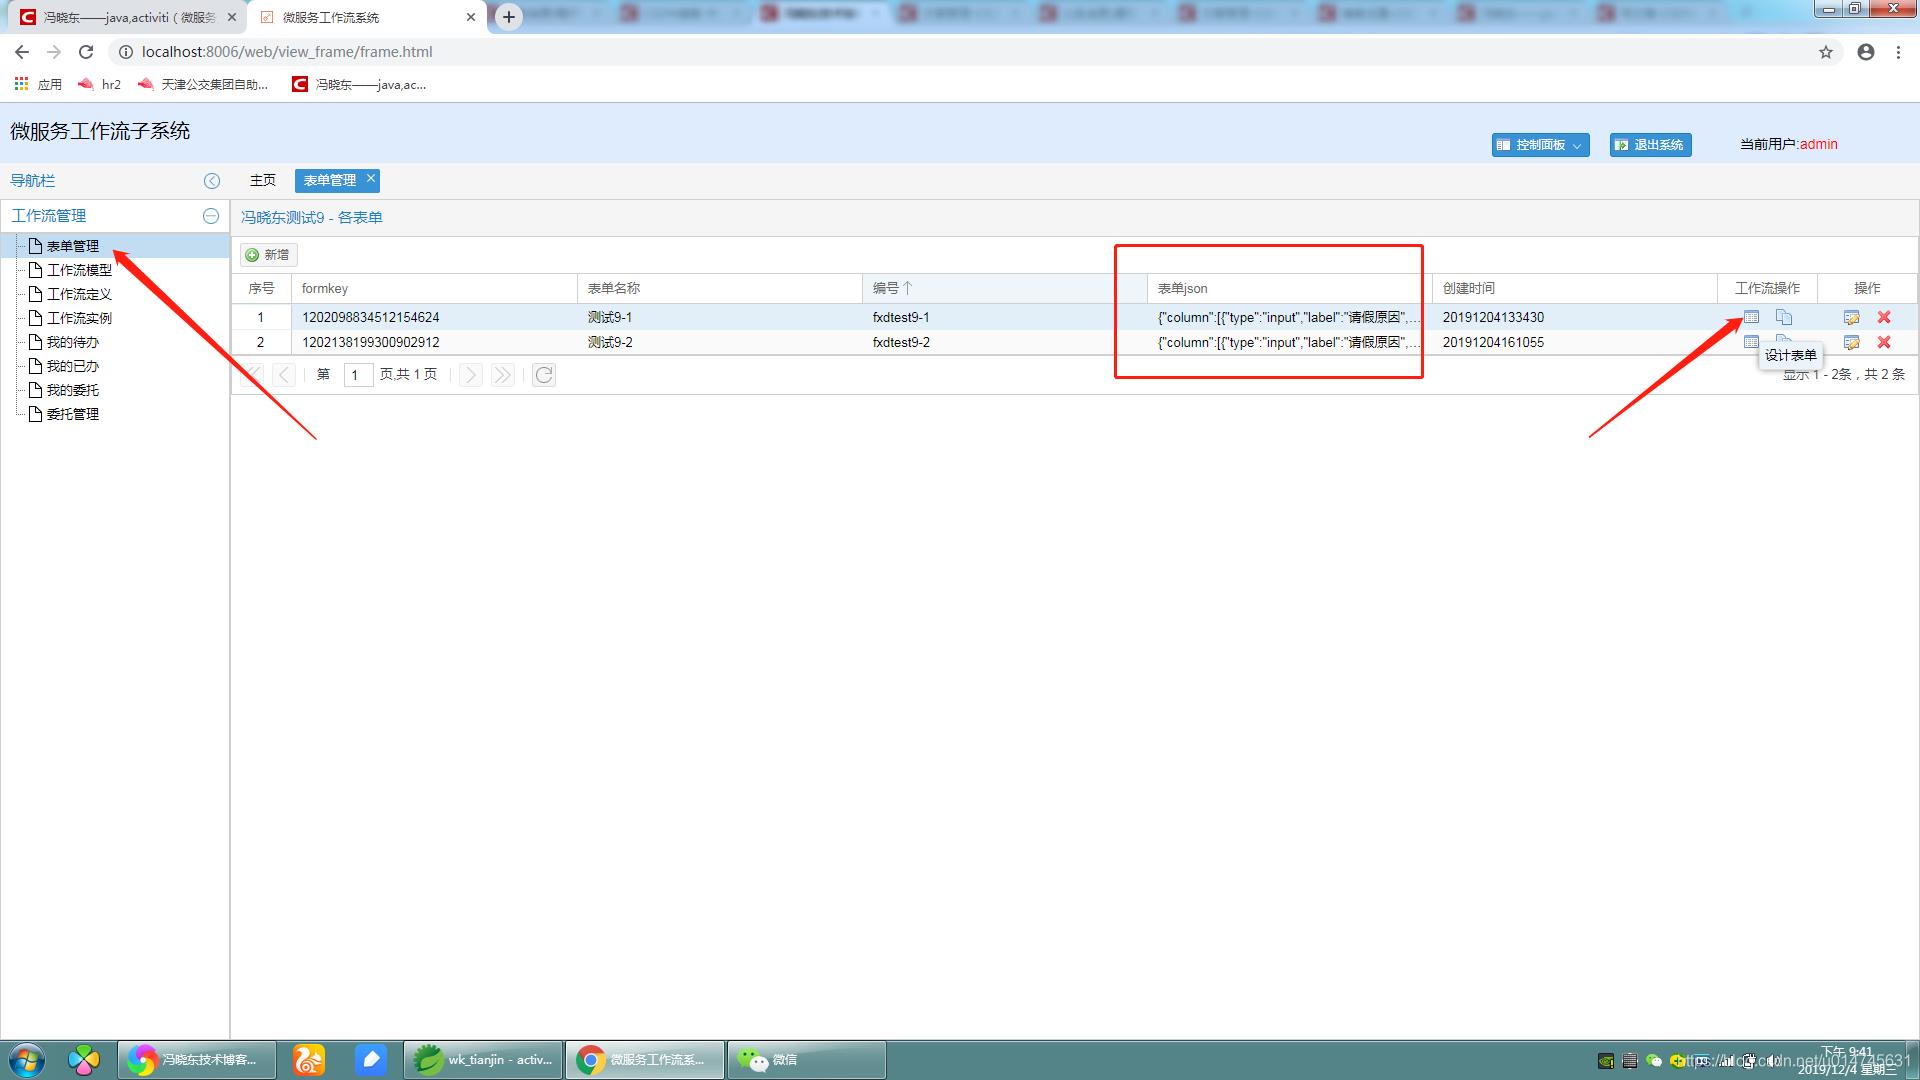 自定义表单,外置表单,activiti,工作流,微服务子系统